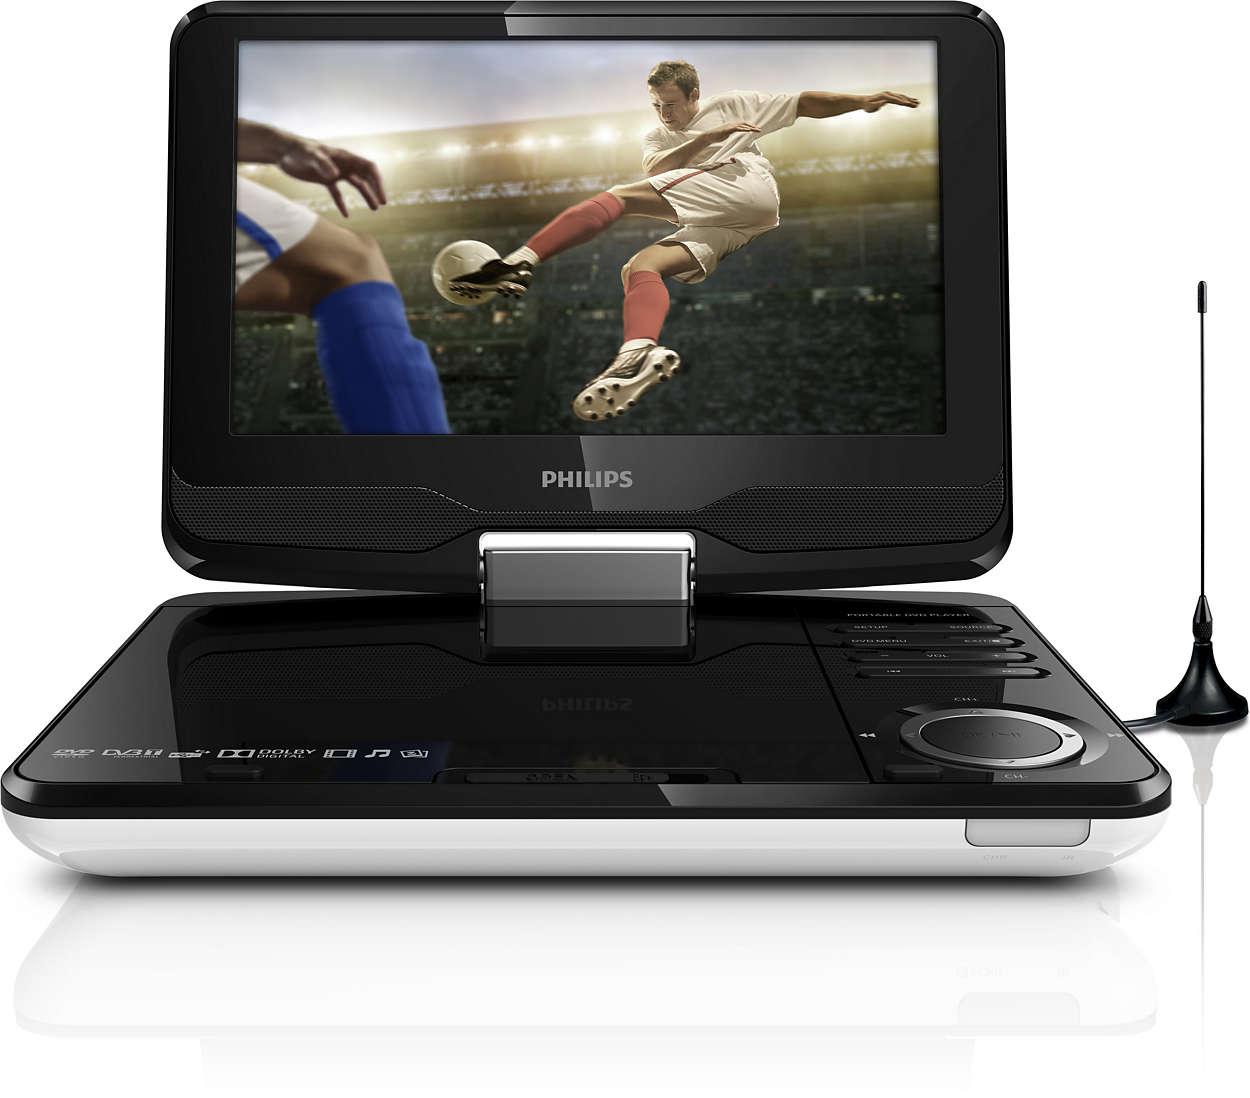 Titta på dina favoritprogram* och DVD-filmer i HD var som helst